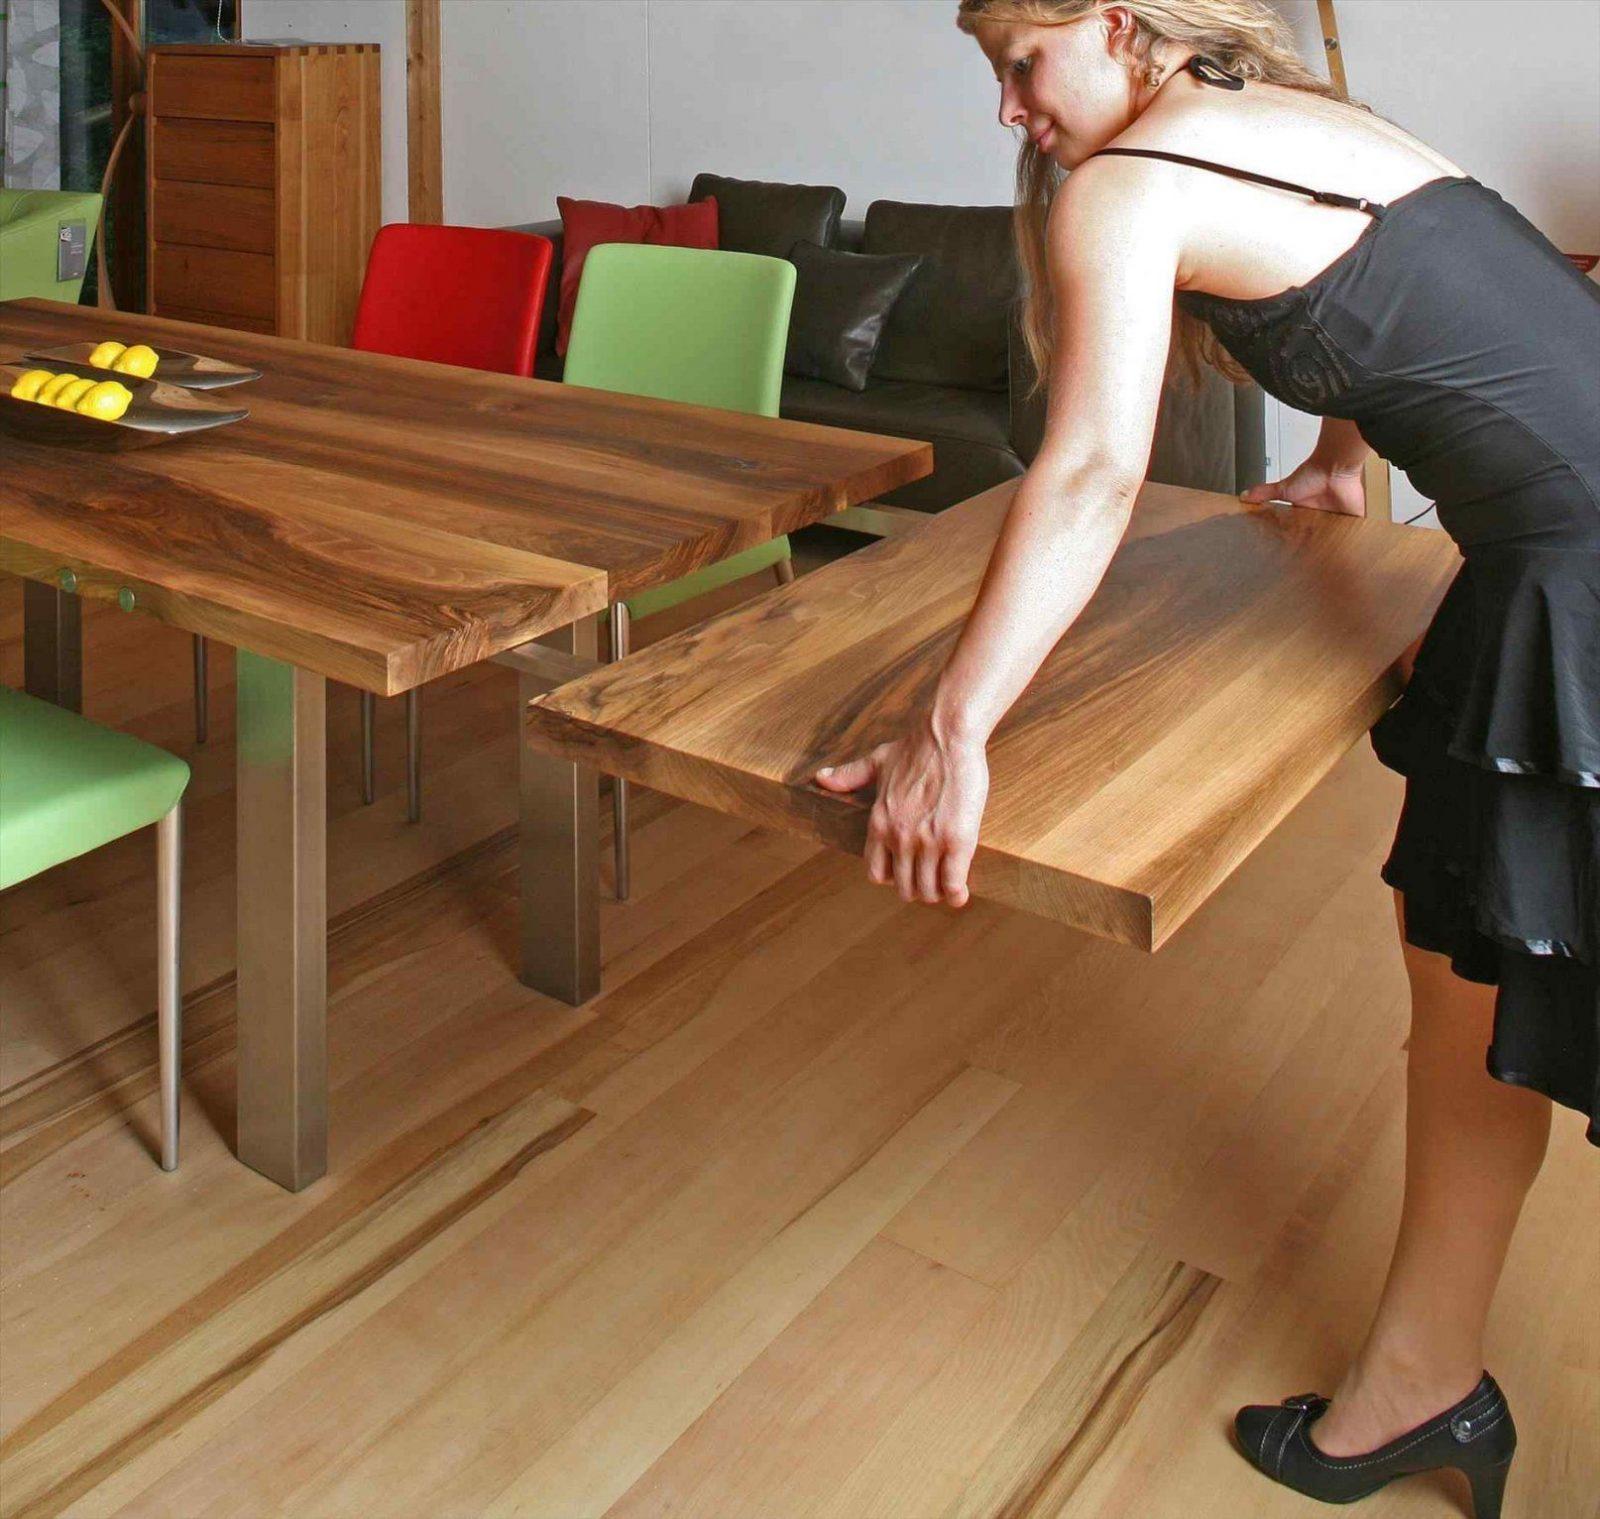 Tisch Auen Top Large Size Of Rustikal Selber Bauen Tisch Design Avec von Rustikaler Holztisch Selber Bauen Photo